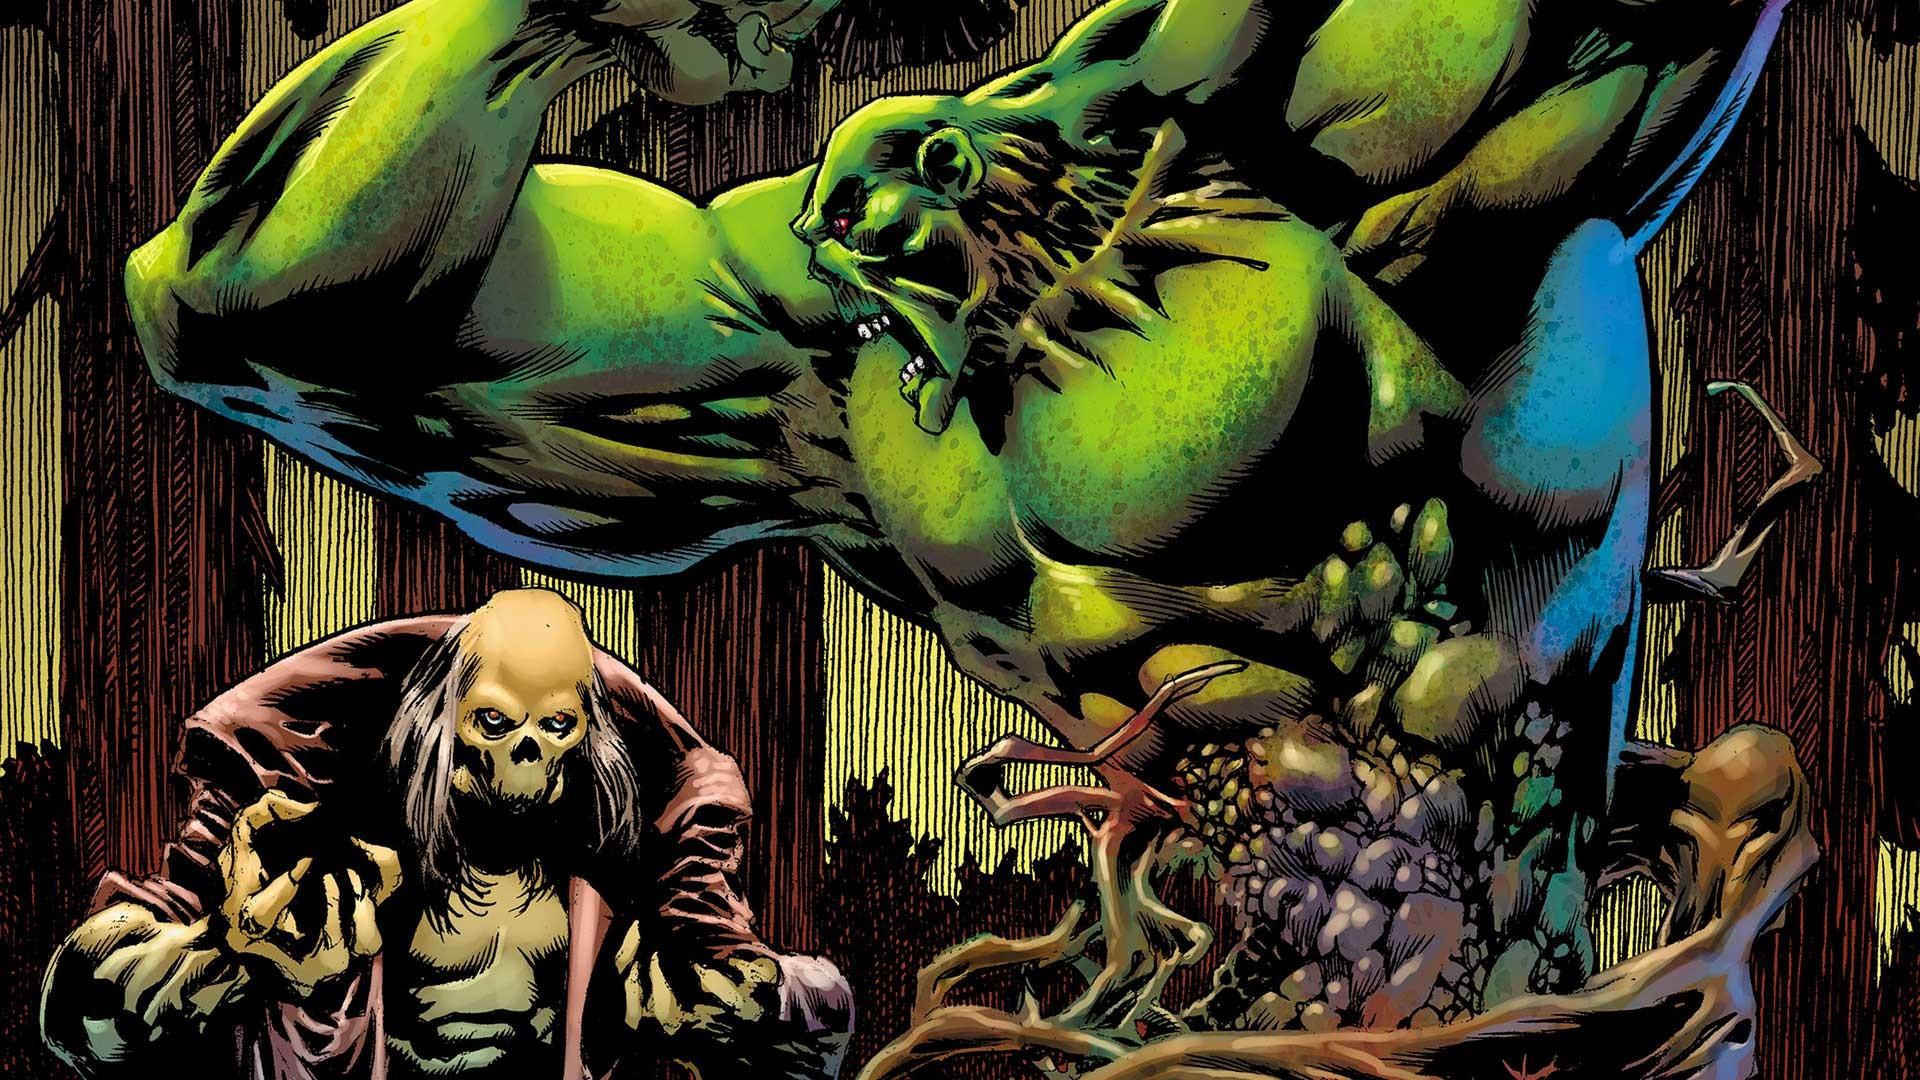 Swamp Thing (Volume 6) #2